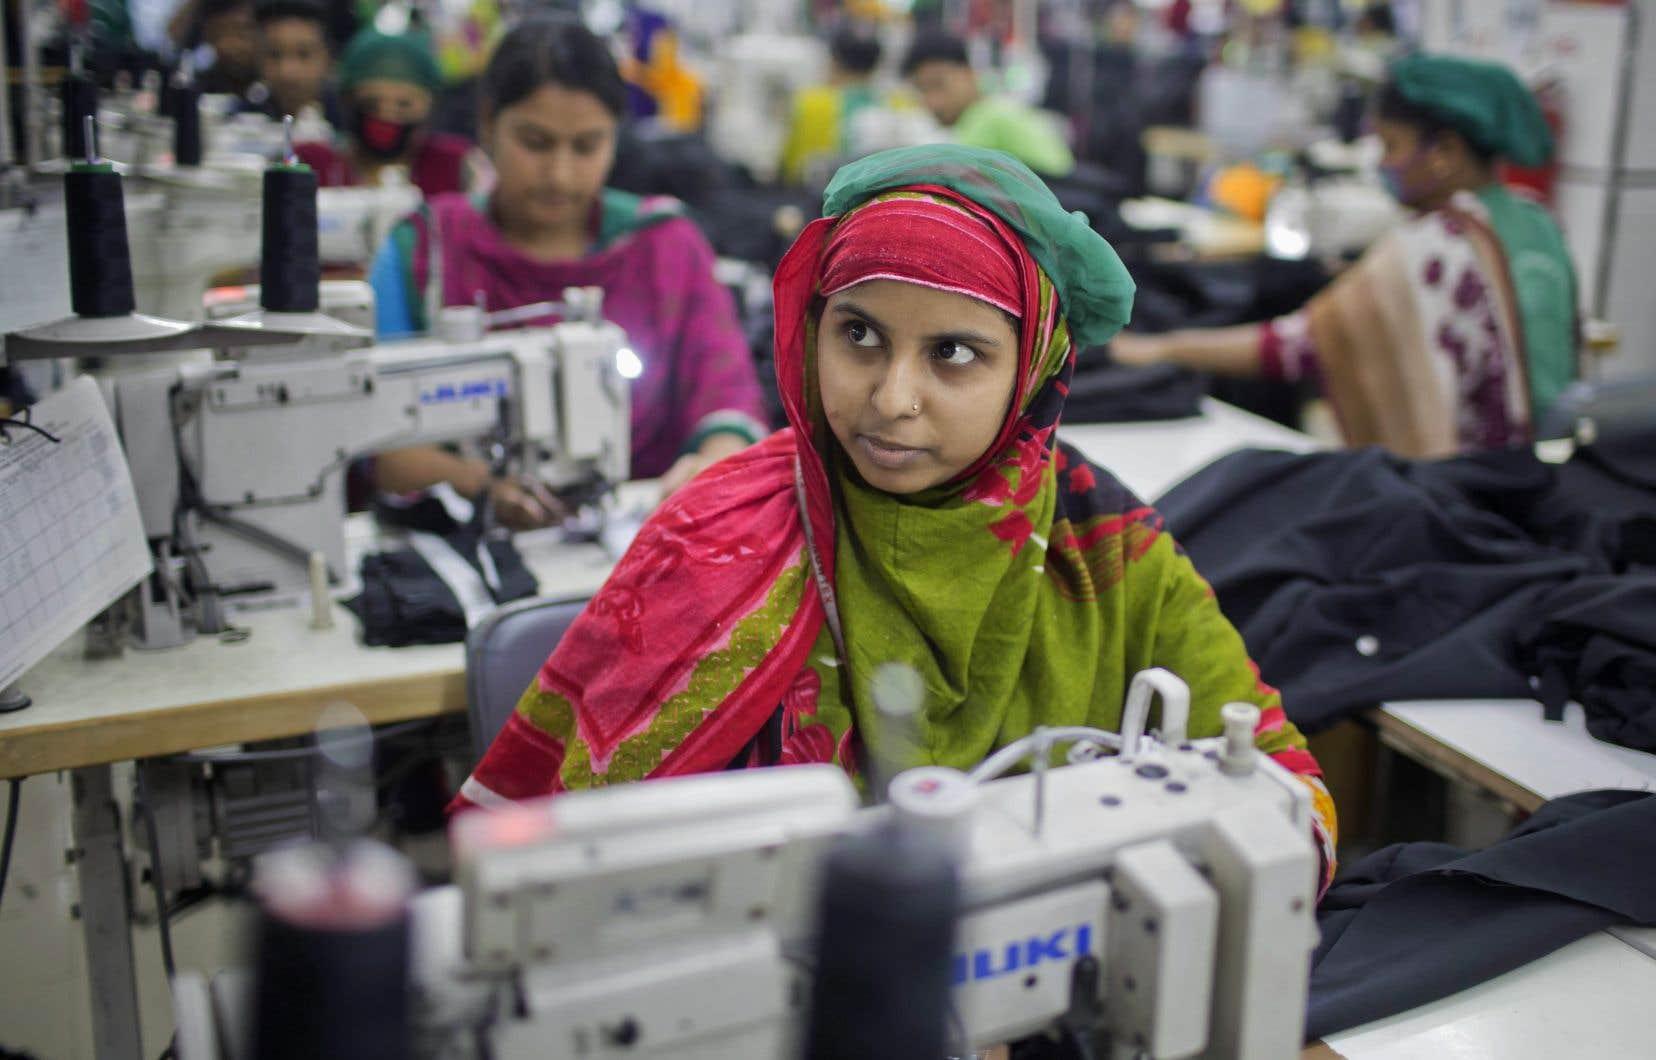 La journée du 24 avril est encore soulignée pour dénoncer les effets de la mondialisation capitaliste et patriarcale sur les femmes du monde entier.